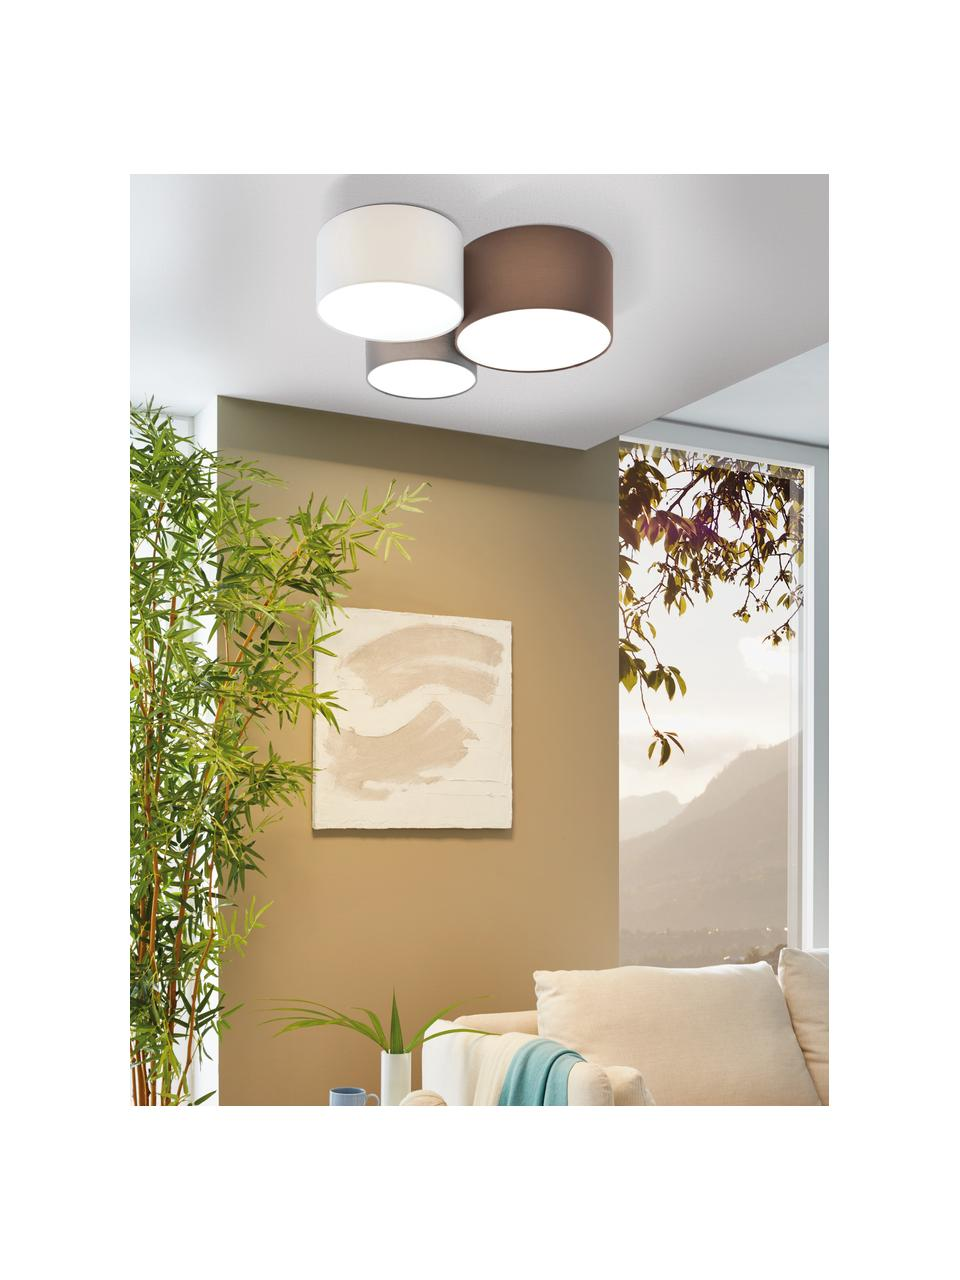 Lampa sufitowa Pastore, Brązowy, szary, biały, Ø 61 x W 26 cm